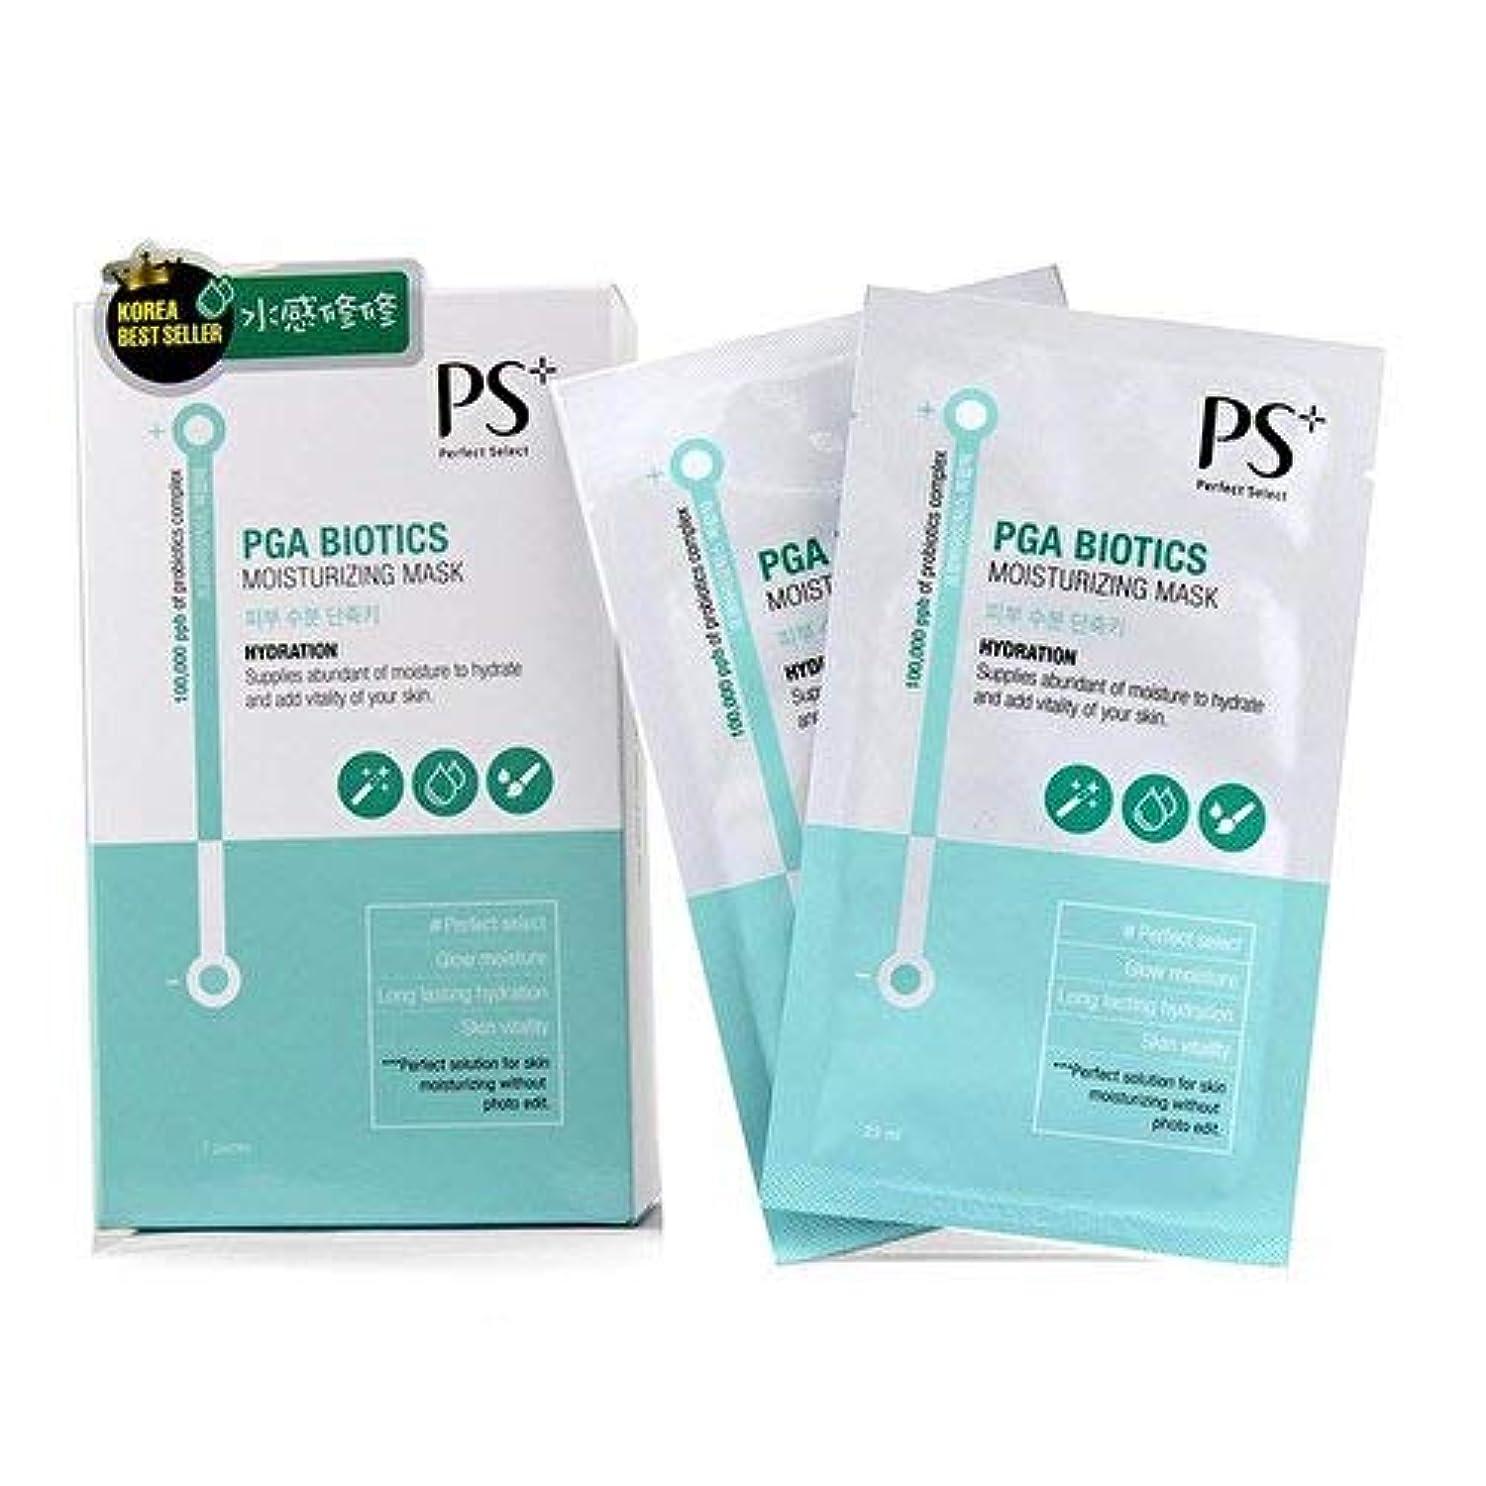 思い出させるピアノ公平なPS Perfect Select PGA Biotics Moisturizing Mask - Hydration 7pcs並行輸入品